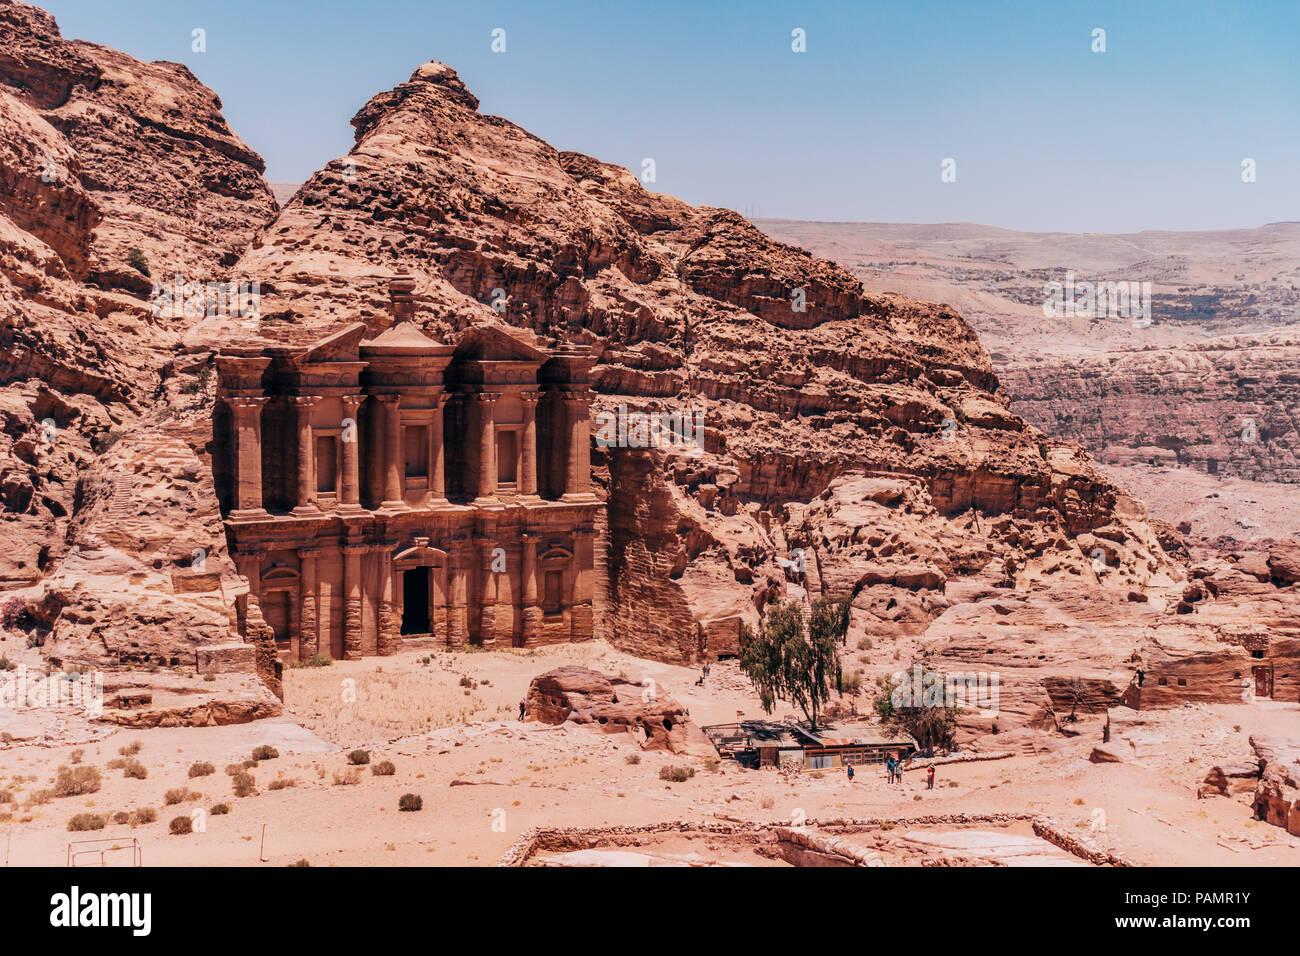 Mirando hacia el Monasterio Ad-Deir tallados en el lado de las capas de roca en la ciudad perdida de Petra, Jordania Imagen De Stock